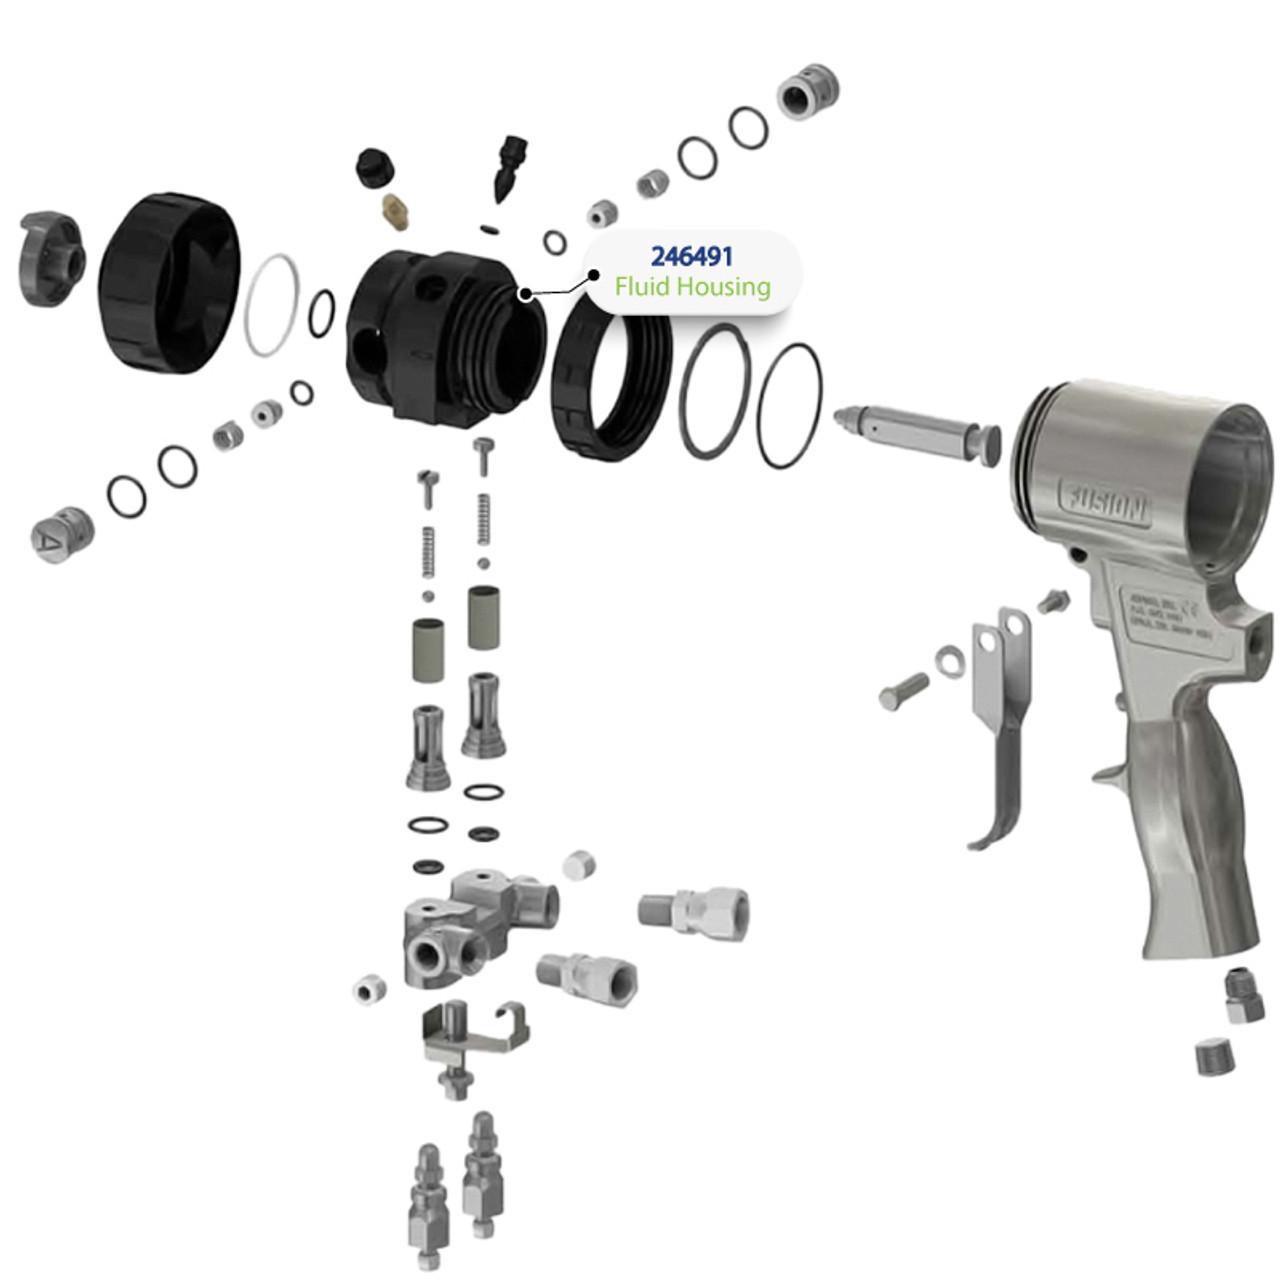 Fluid Housing for Graco Fusion Air Purge (AP) Spray Gun